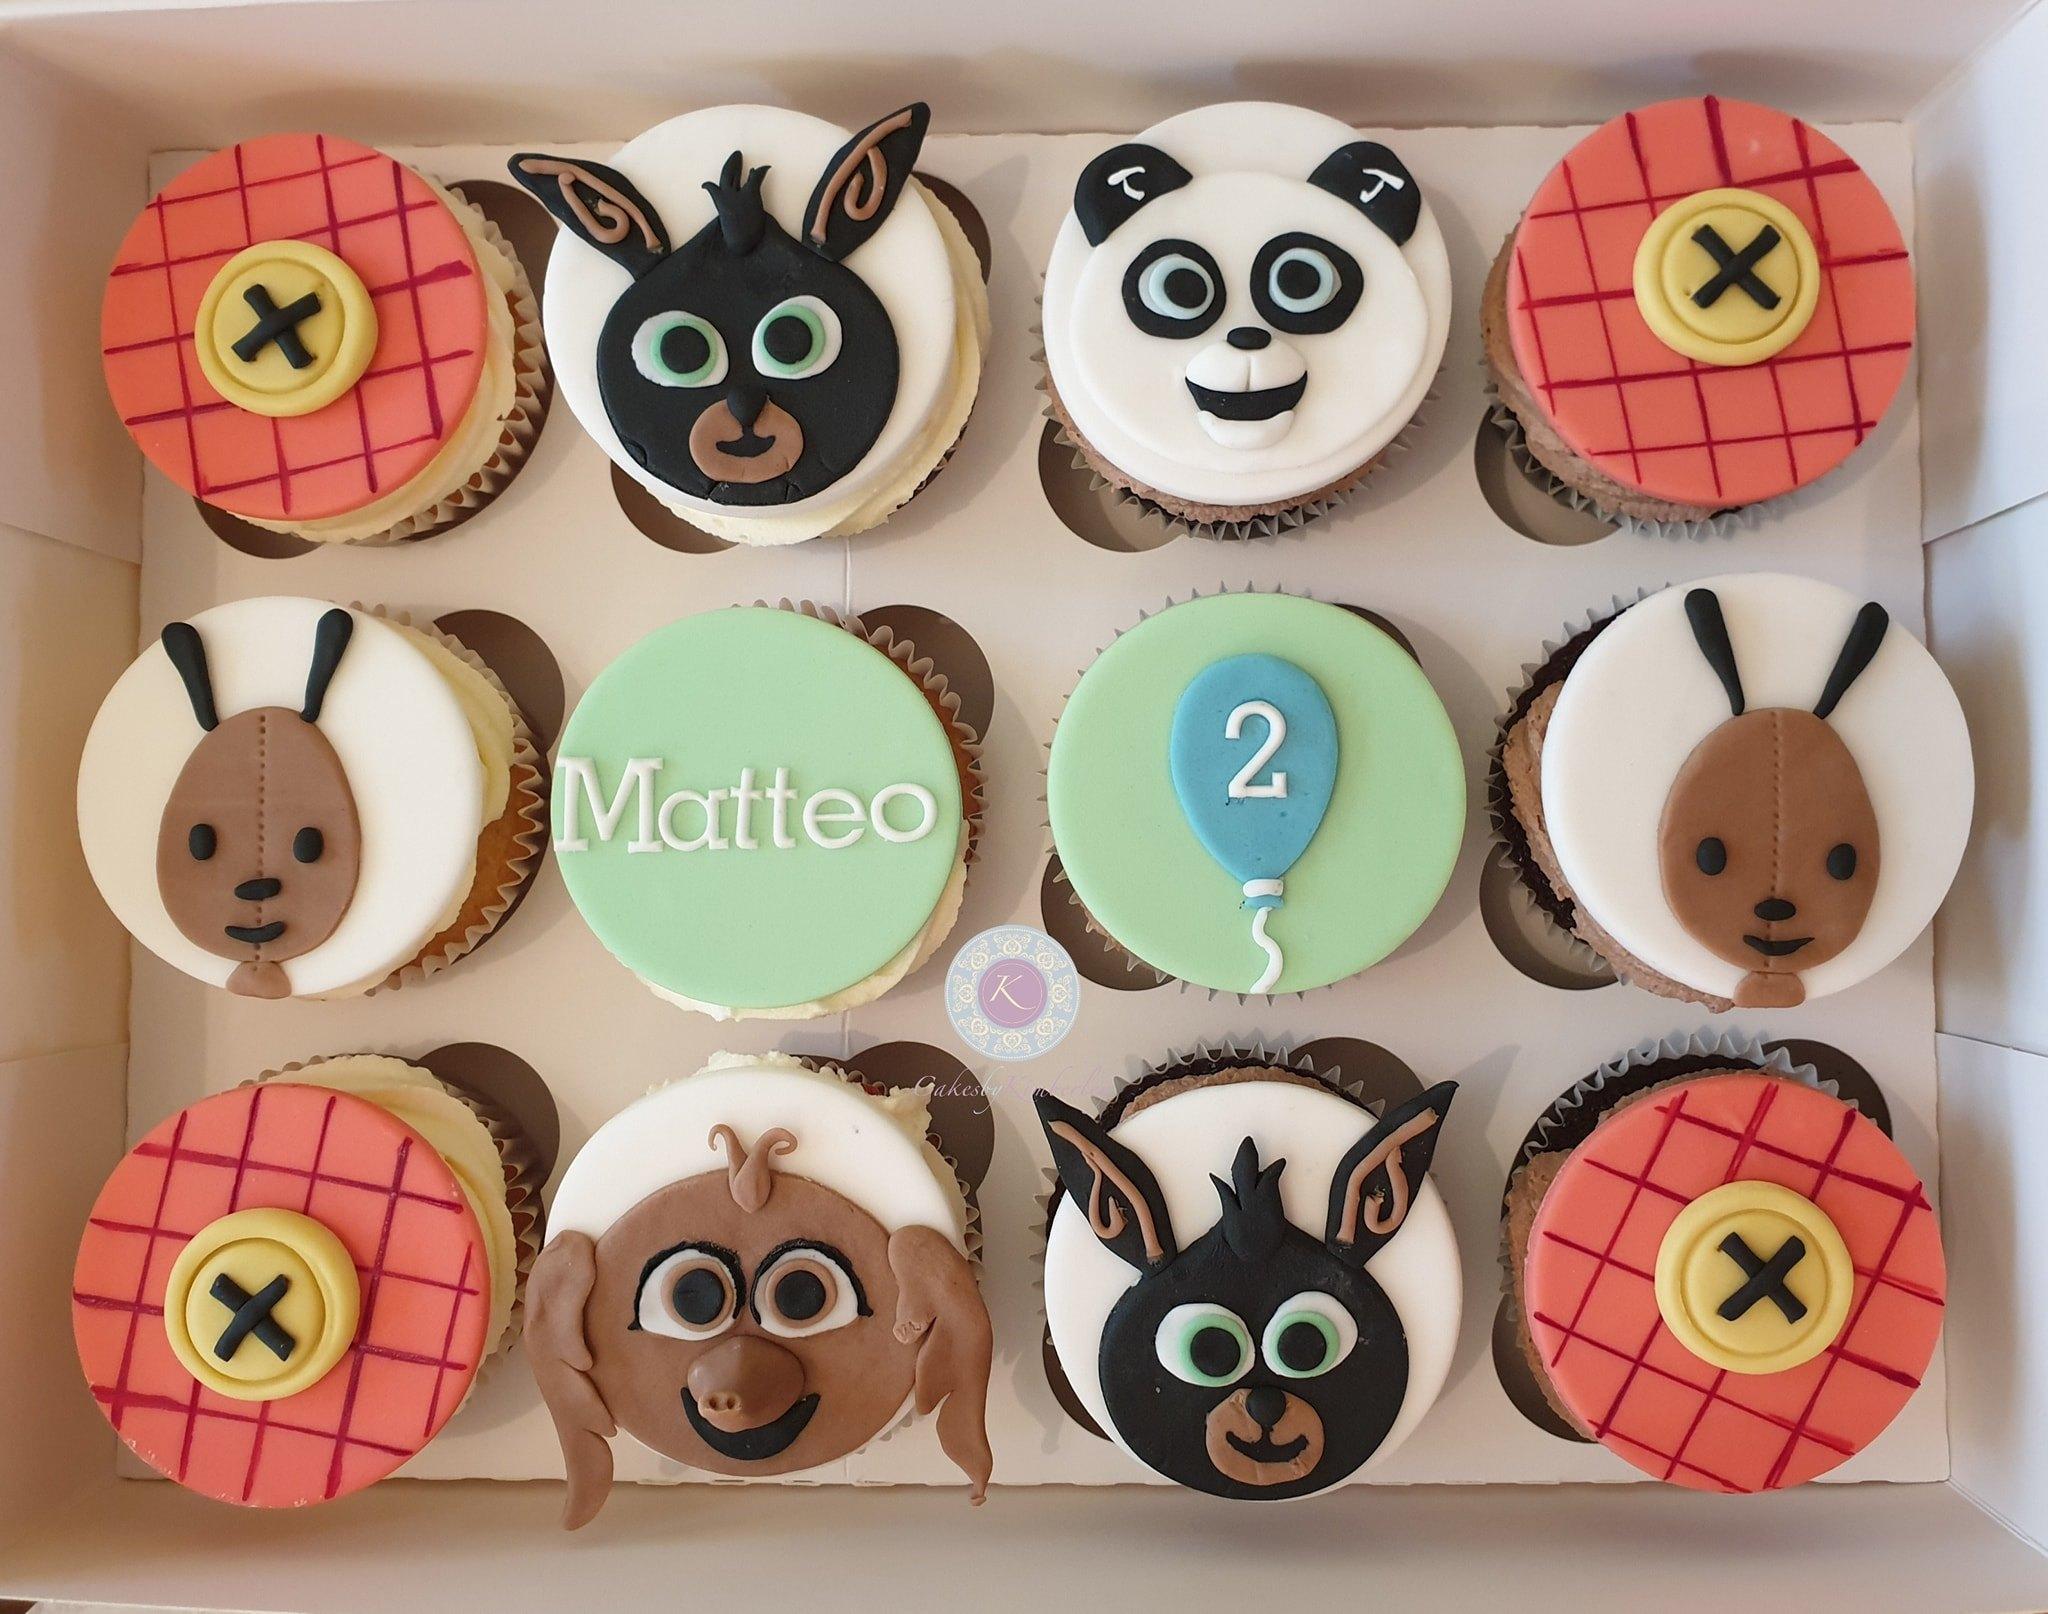 Cupcakes - Bing Matteo